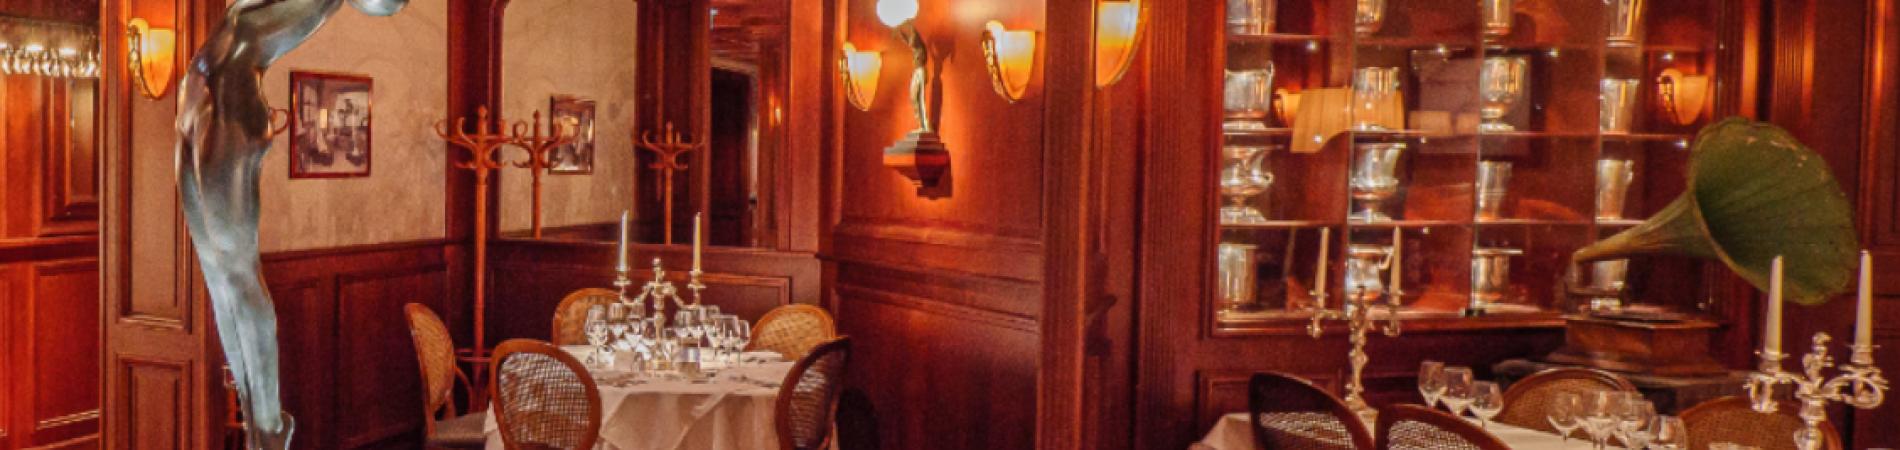 La salle à manger Max Le Verrier des Grands Buffets